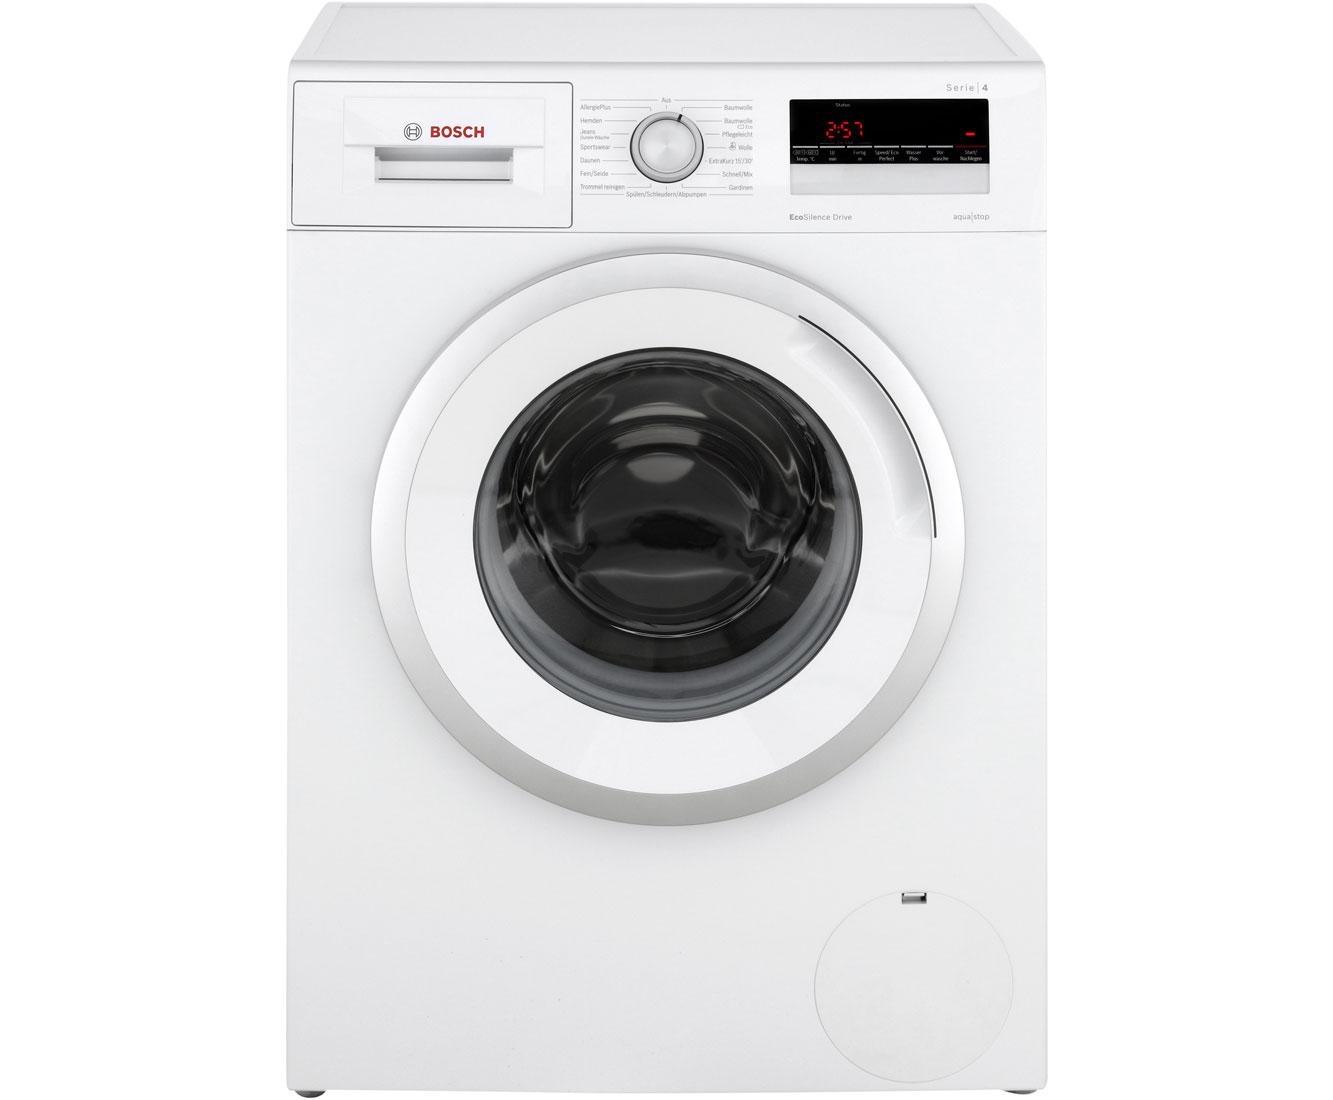 Bosch wan waschmaschine kg u min a